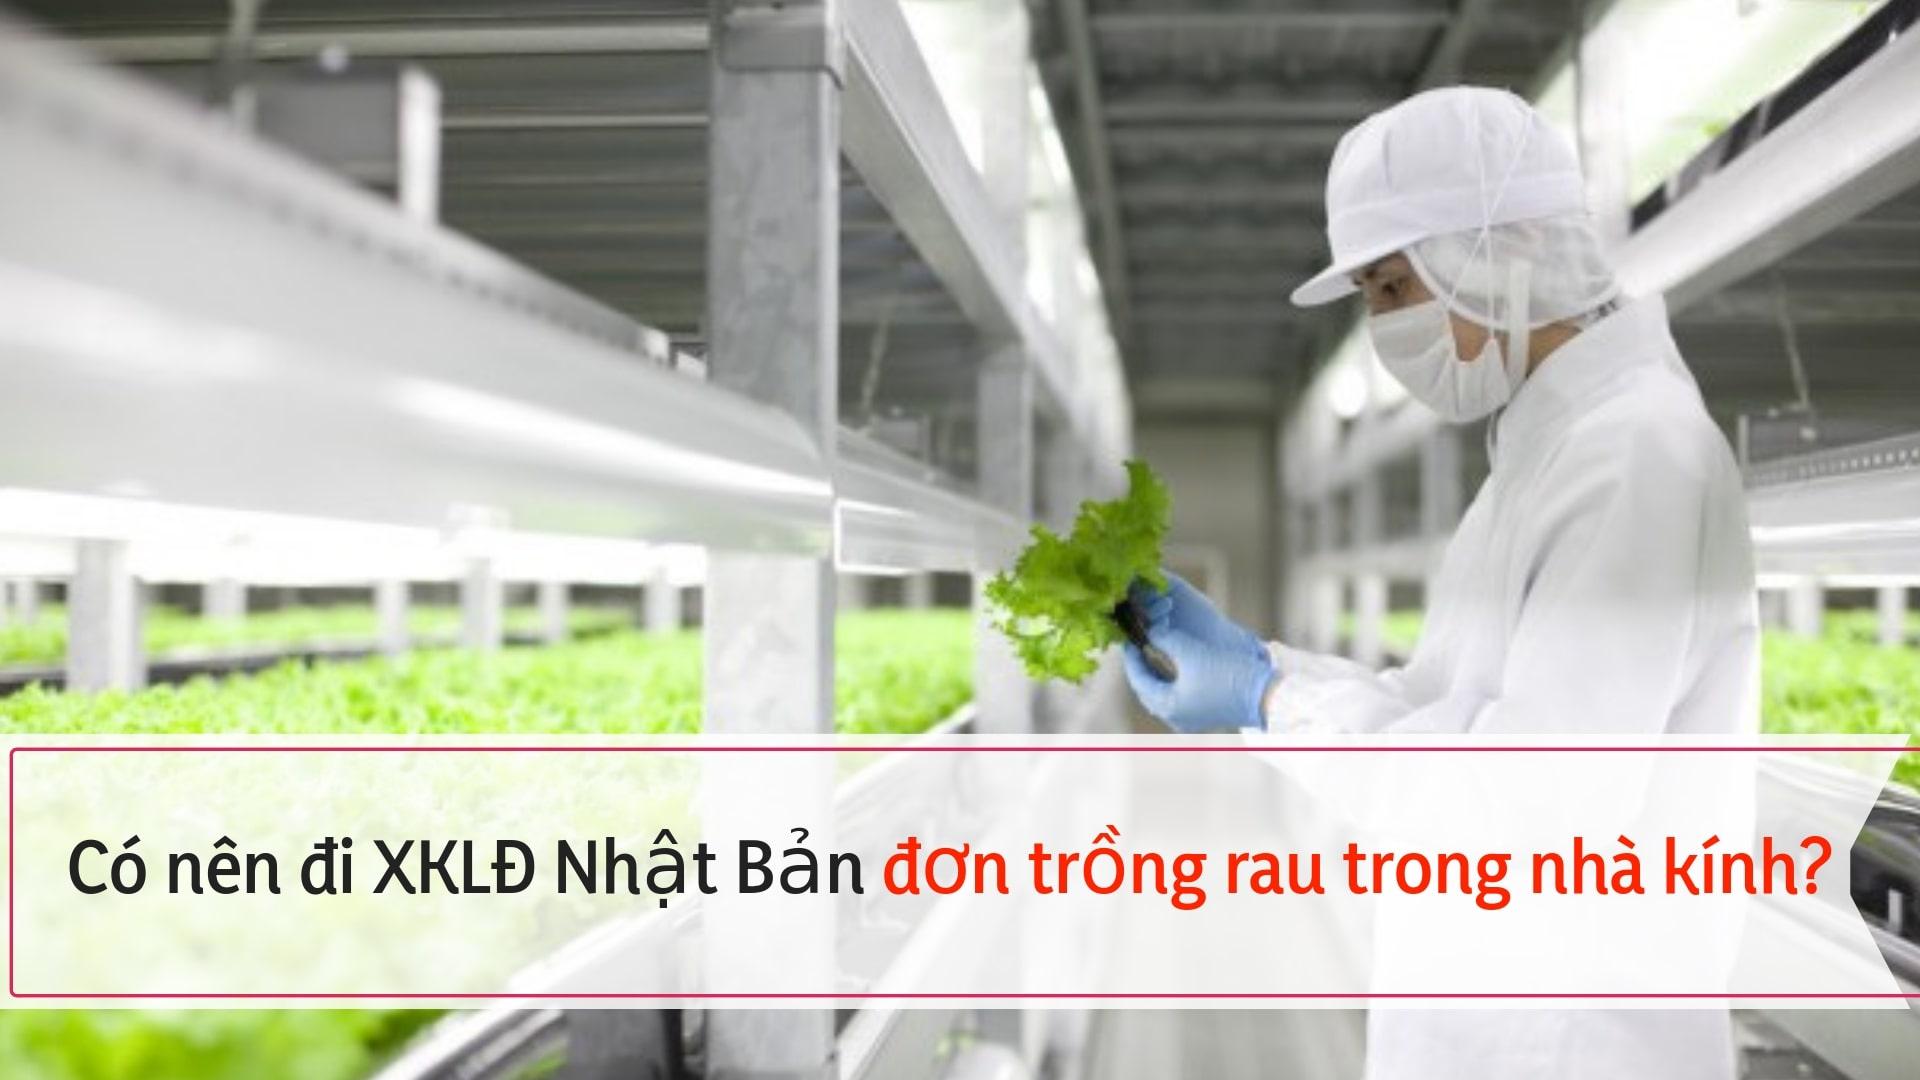 Có nên đi XKLĐ Nhật đơn hàng trồng rau nhà kính không? Ưu điểm của việc trồng rau nhà kính?